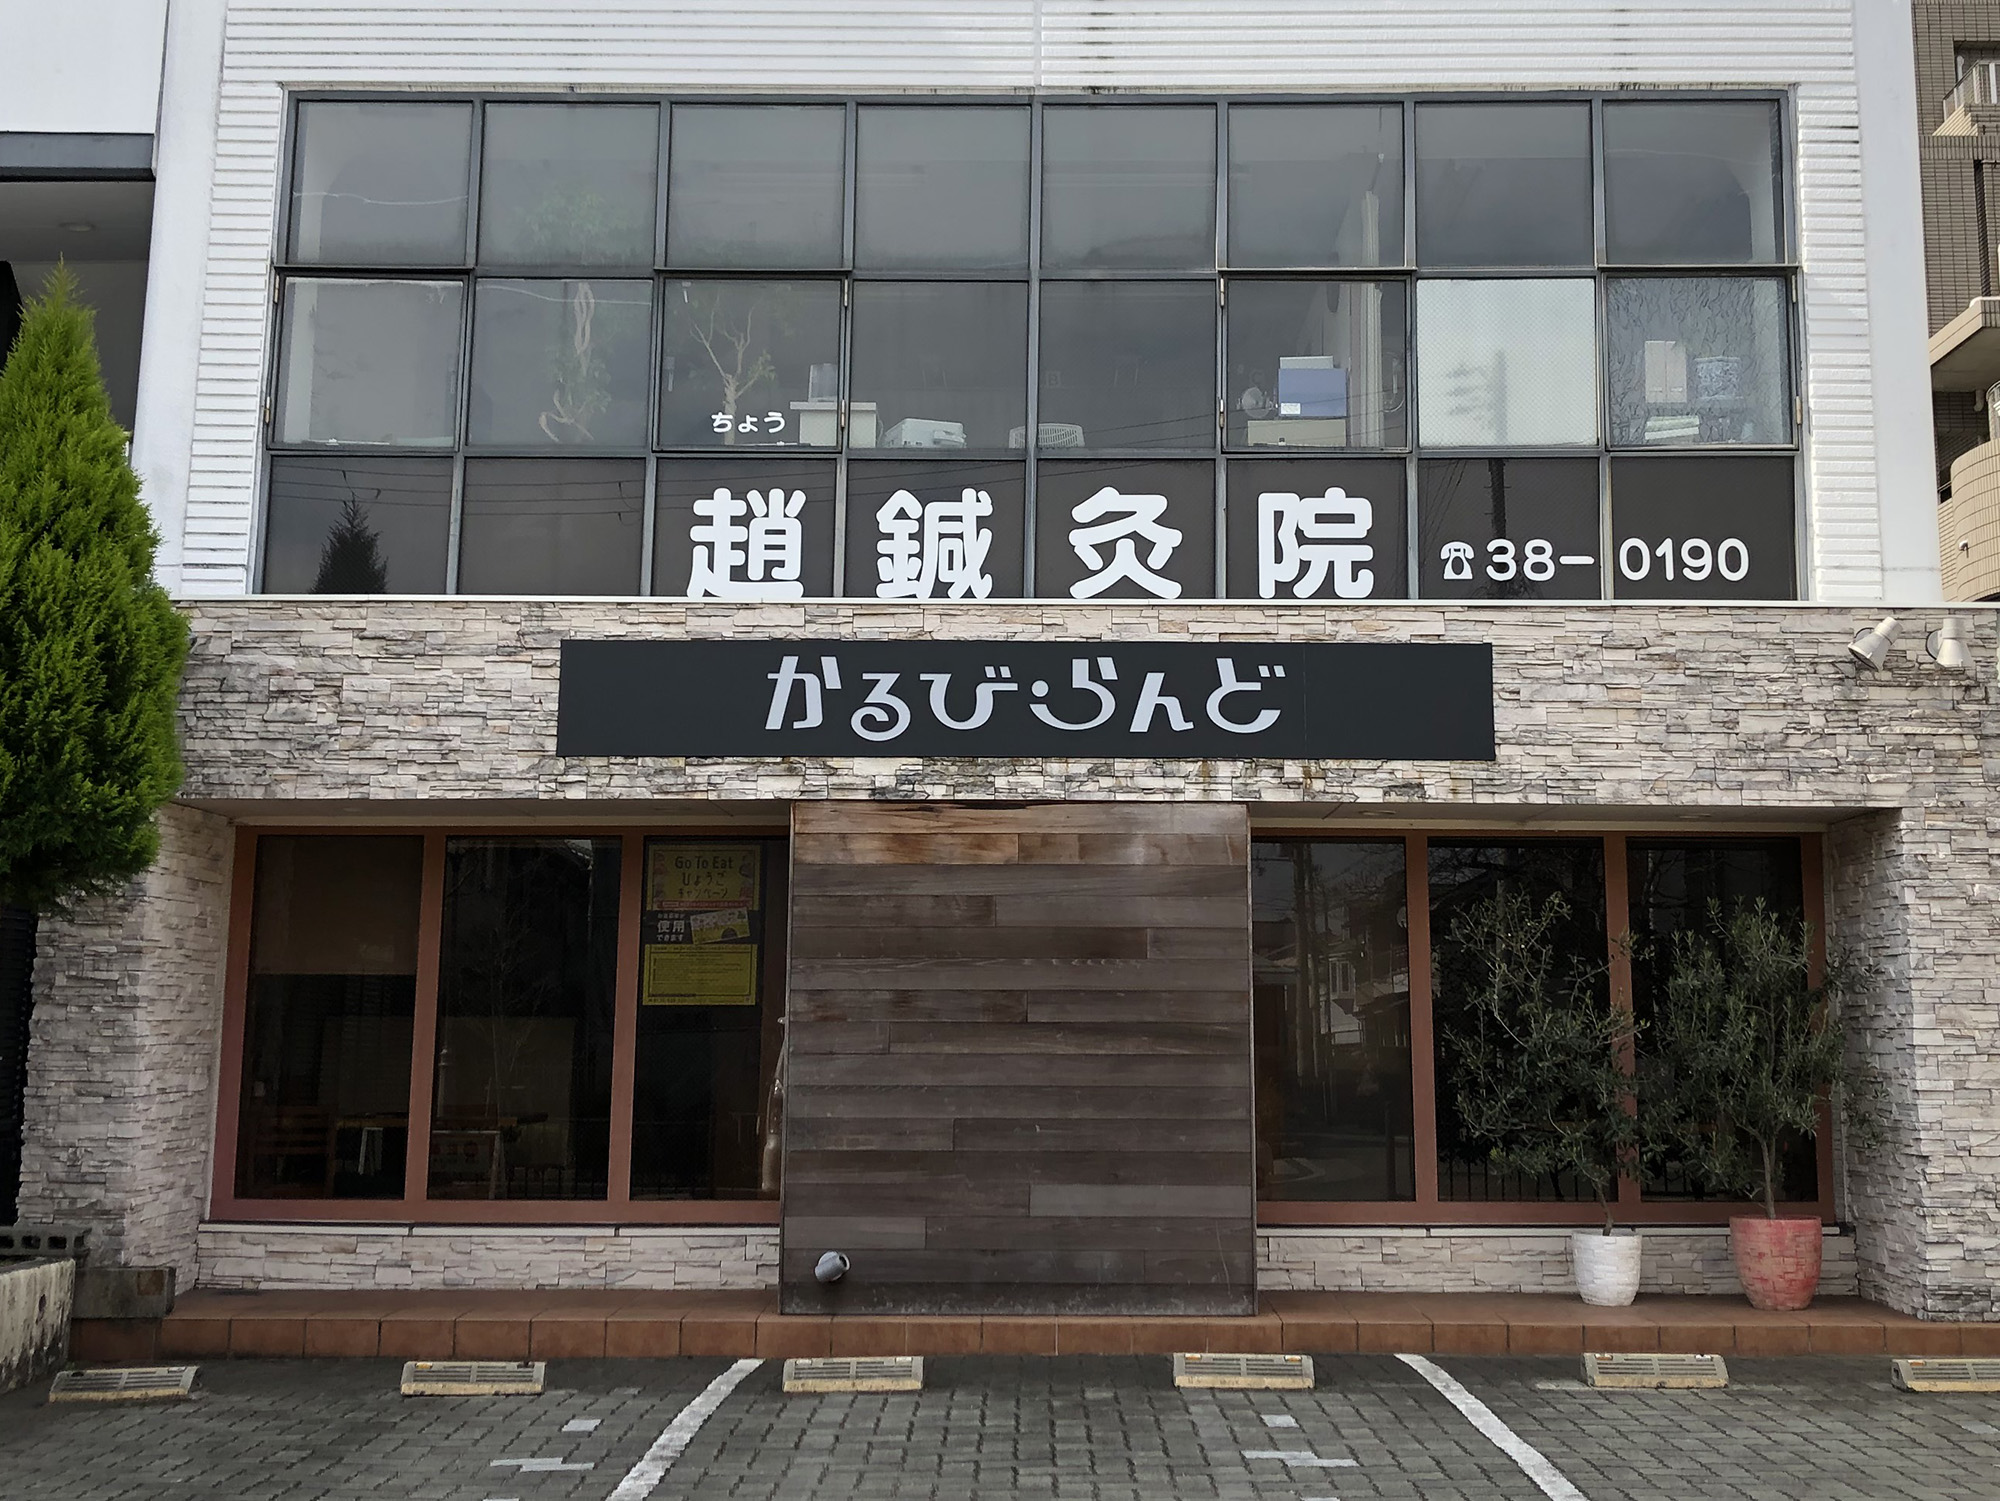 芦屋かるびらんど 芦屋・呉川店